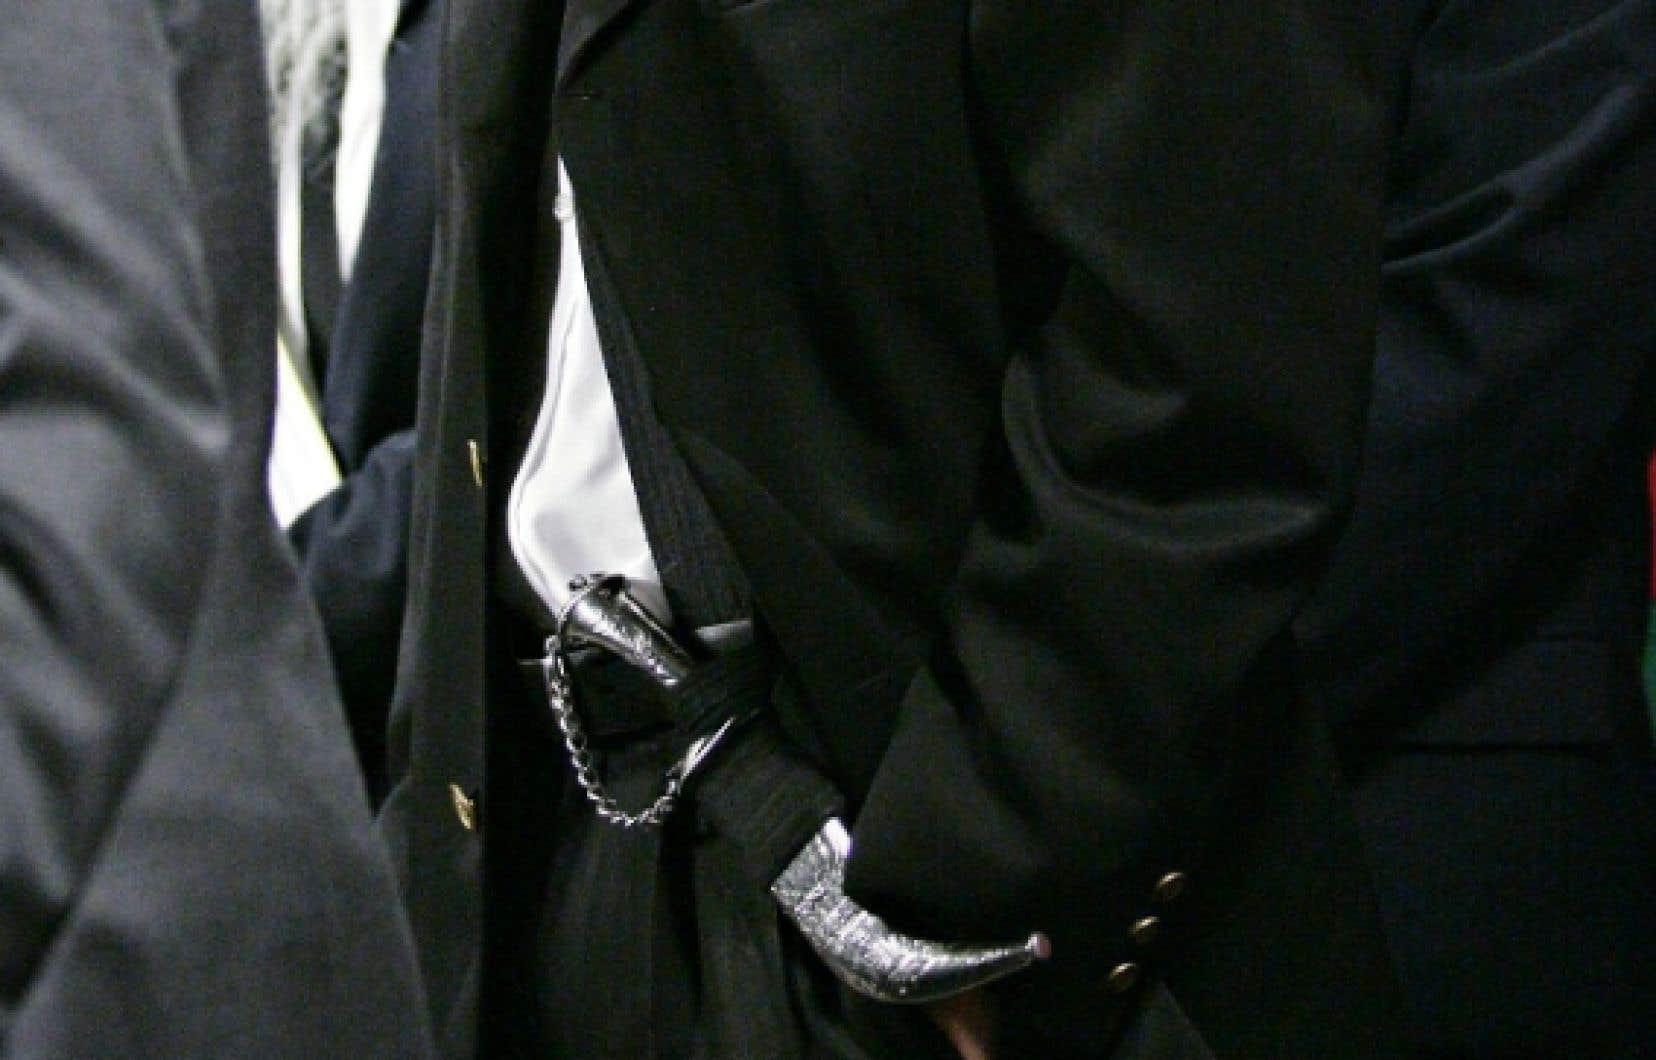 Balpreet Singh, de Toronto, et Haminder Kaur, de Dollard-des-Ormeaux, se sont adressés à la Cour supérieure du Québec à l'automne 2011, mais leur démarche n'avait pas été ébruitée jusqu'à ce jour.